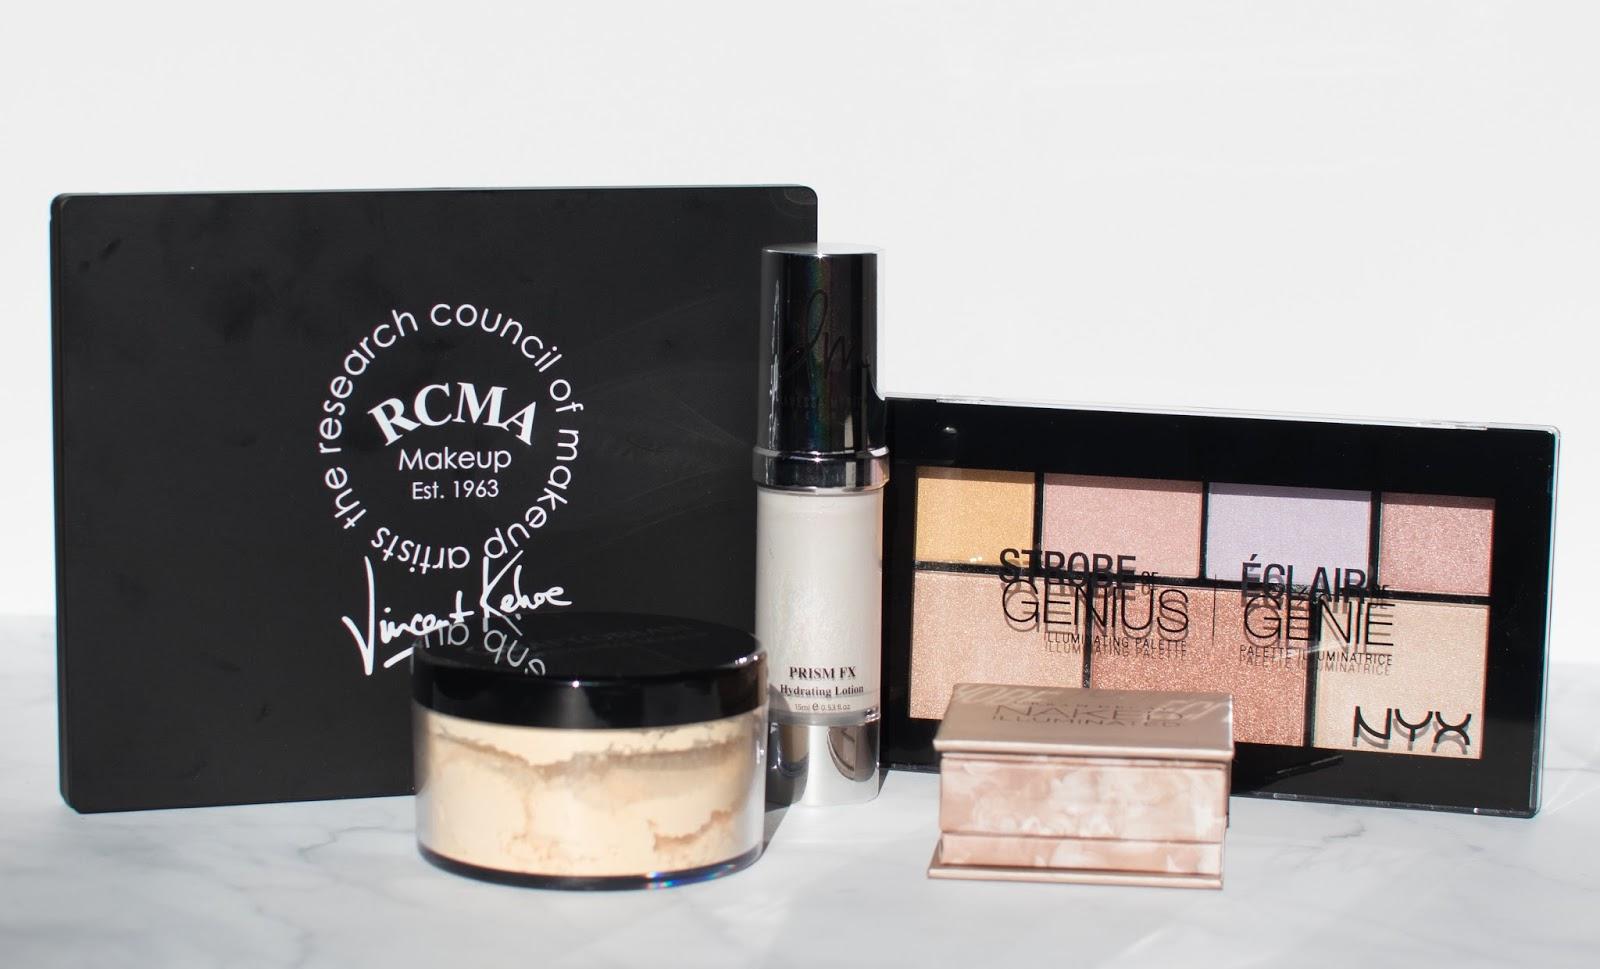 The Makeup Show LA 2017 Face Products Haul